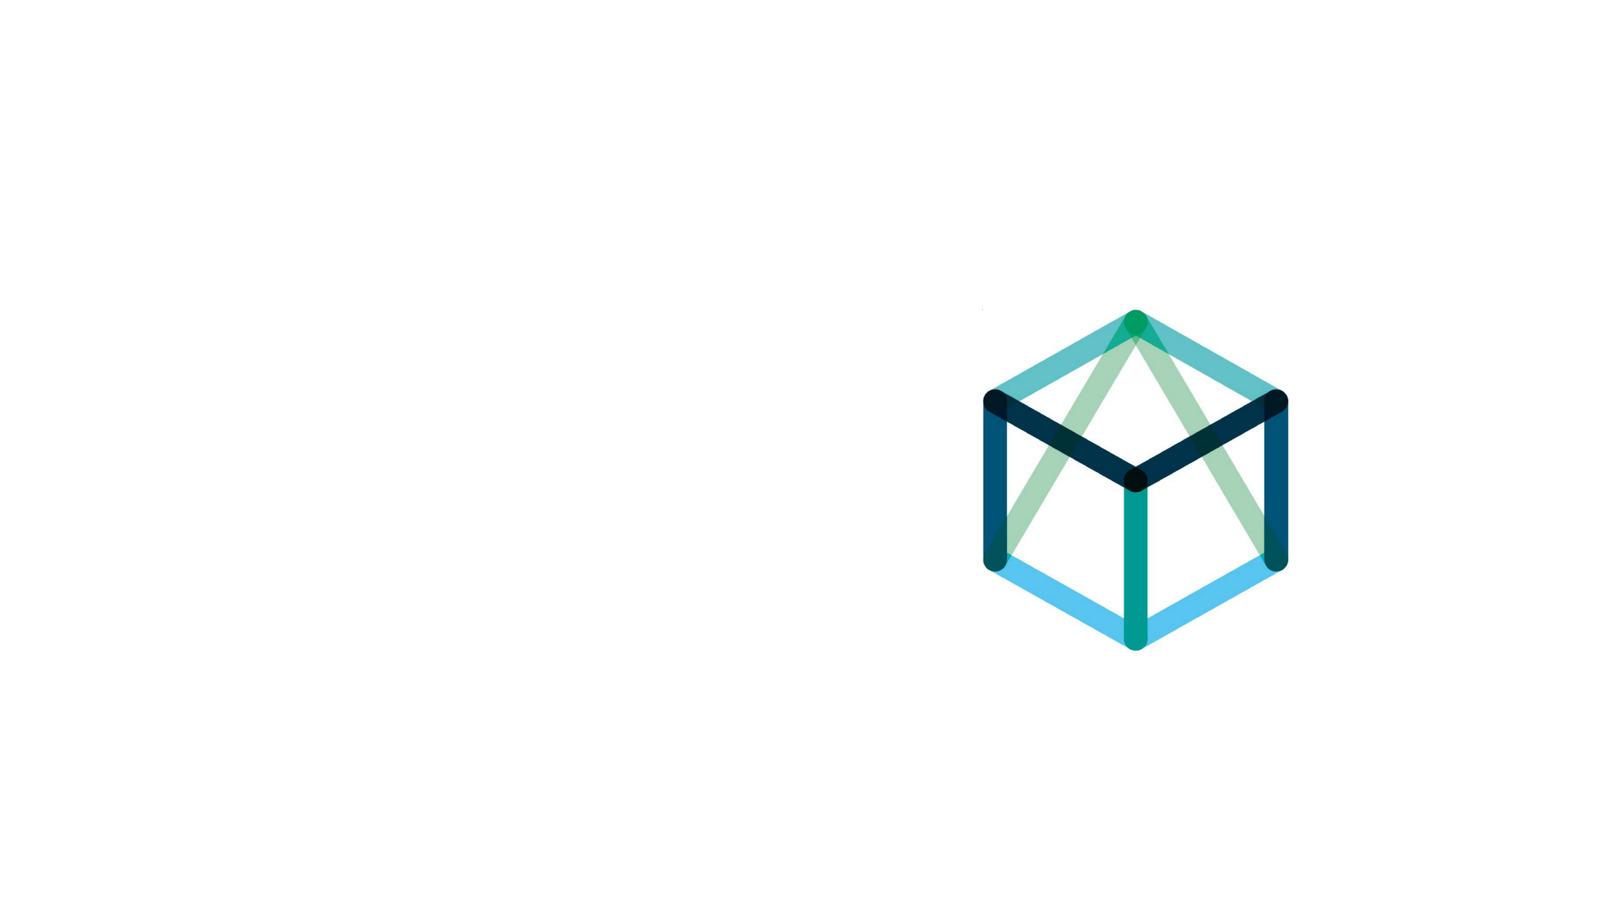 BLC_logo_cube only.jpg